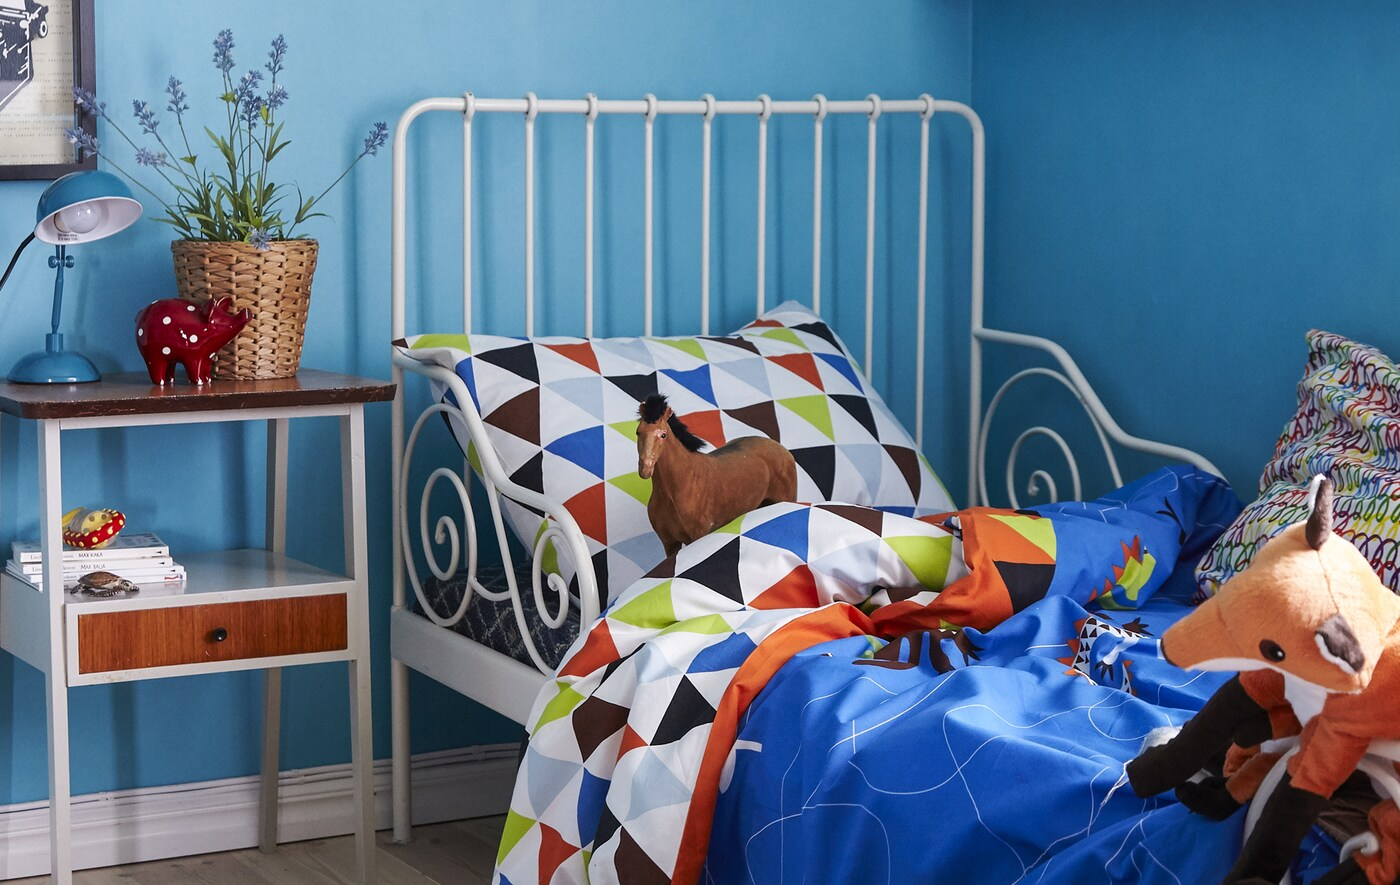 Grâce au linge de lit doux et coloré, la grande chambre de Viggo est sécurisante